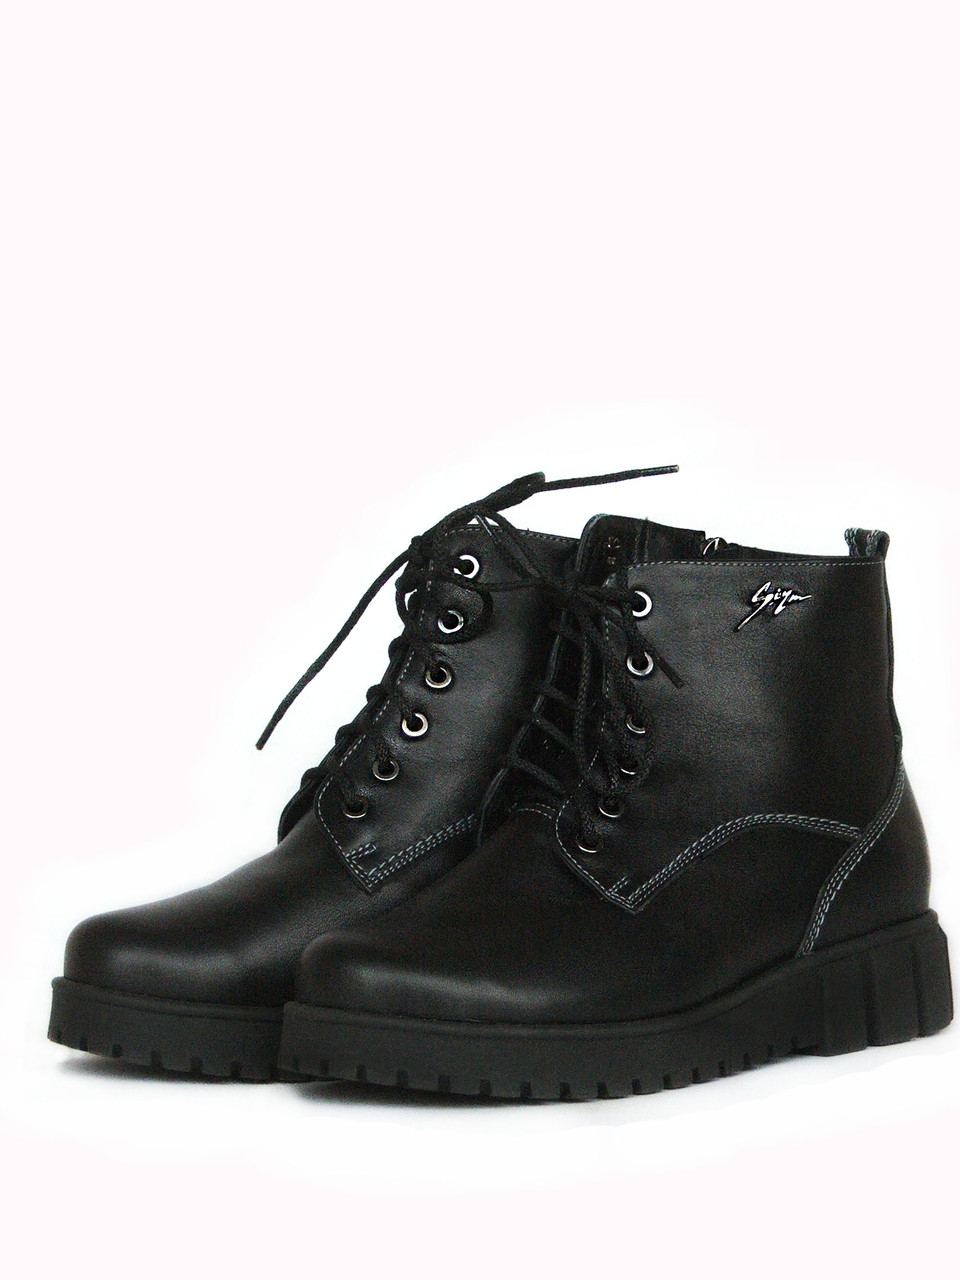 Стильные кожаные ботинки женские